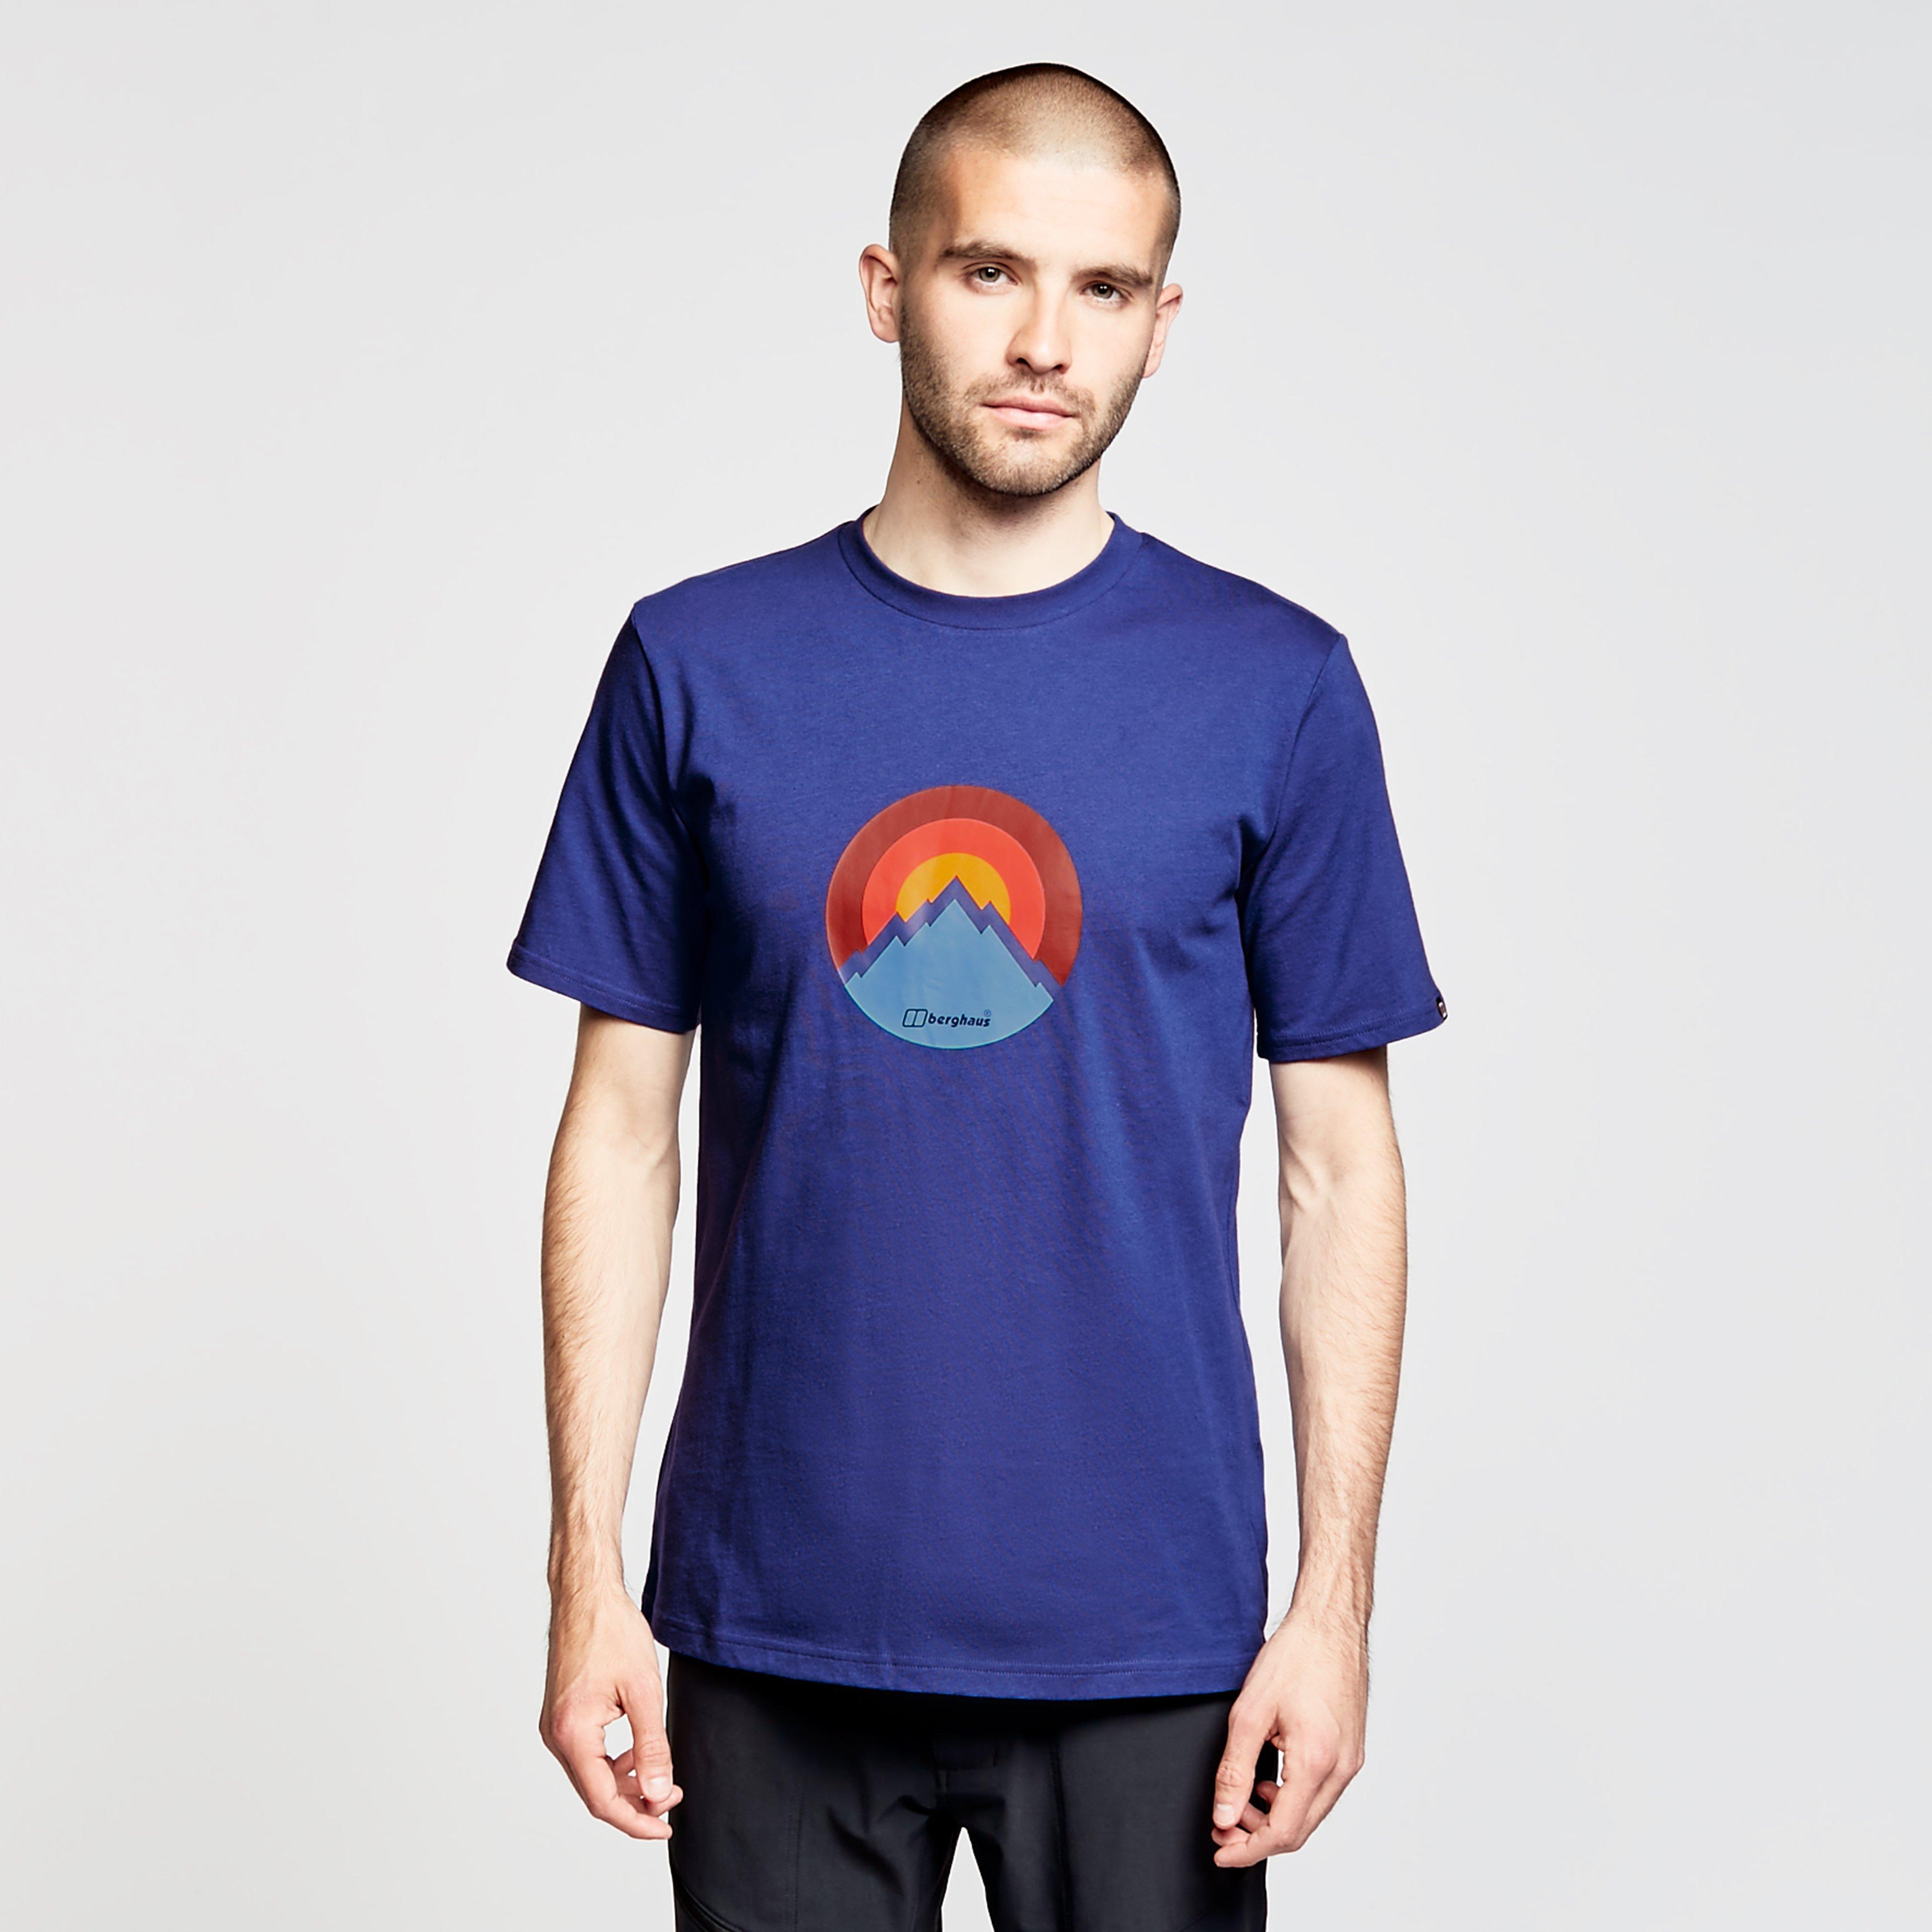 Berghaus Mens Modern Mountain T-shirt - Blue/blue  Blue/blue